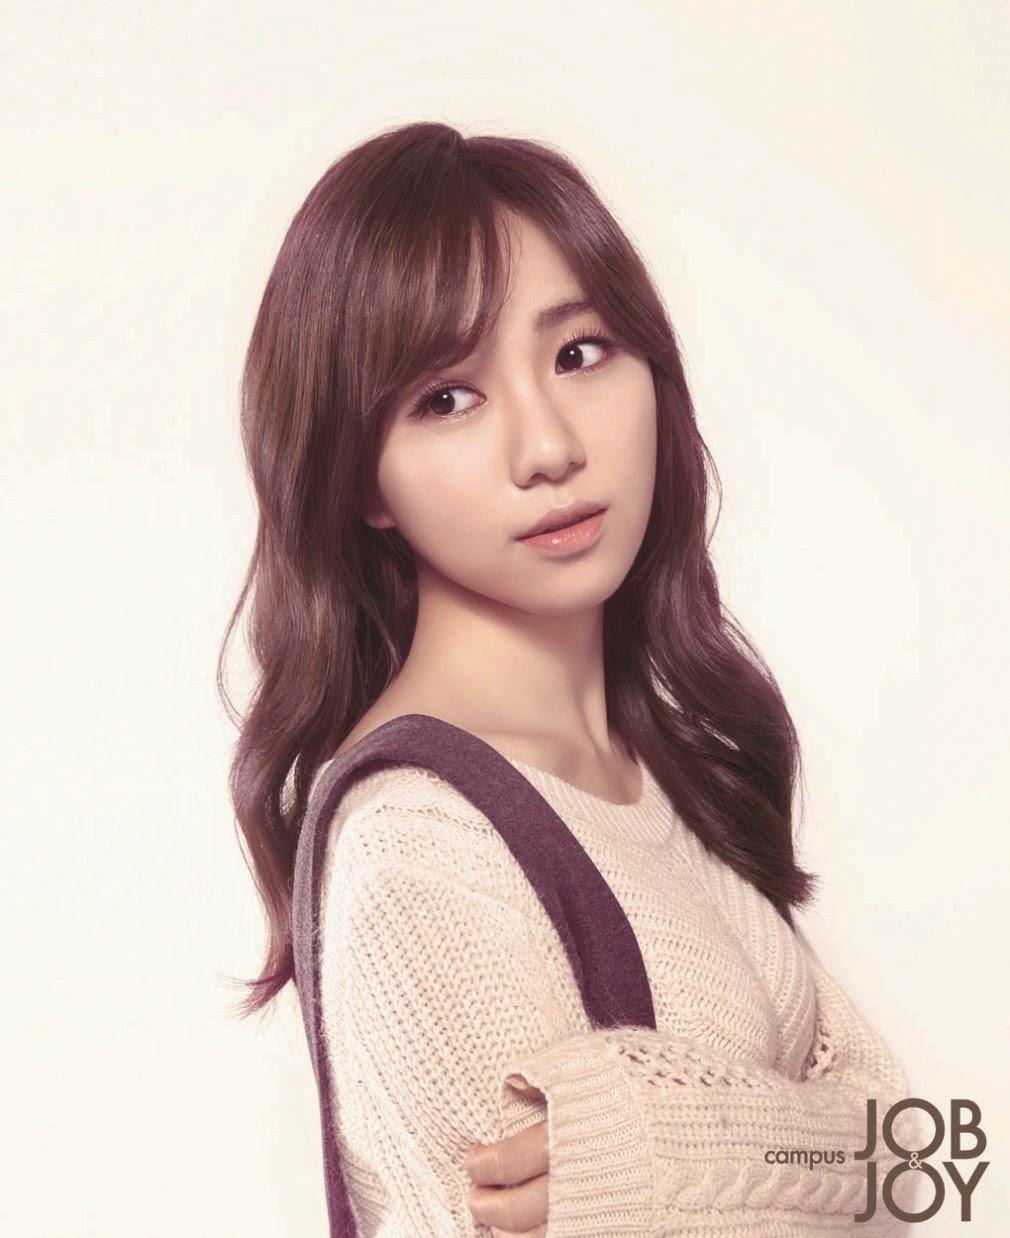 Mina AOA - Campus Job&Joy Magazine February Issue 2014